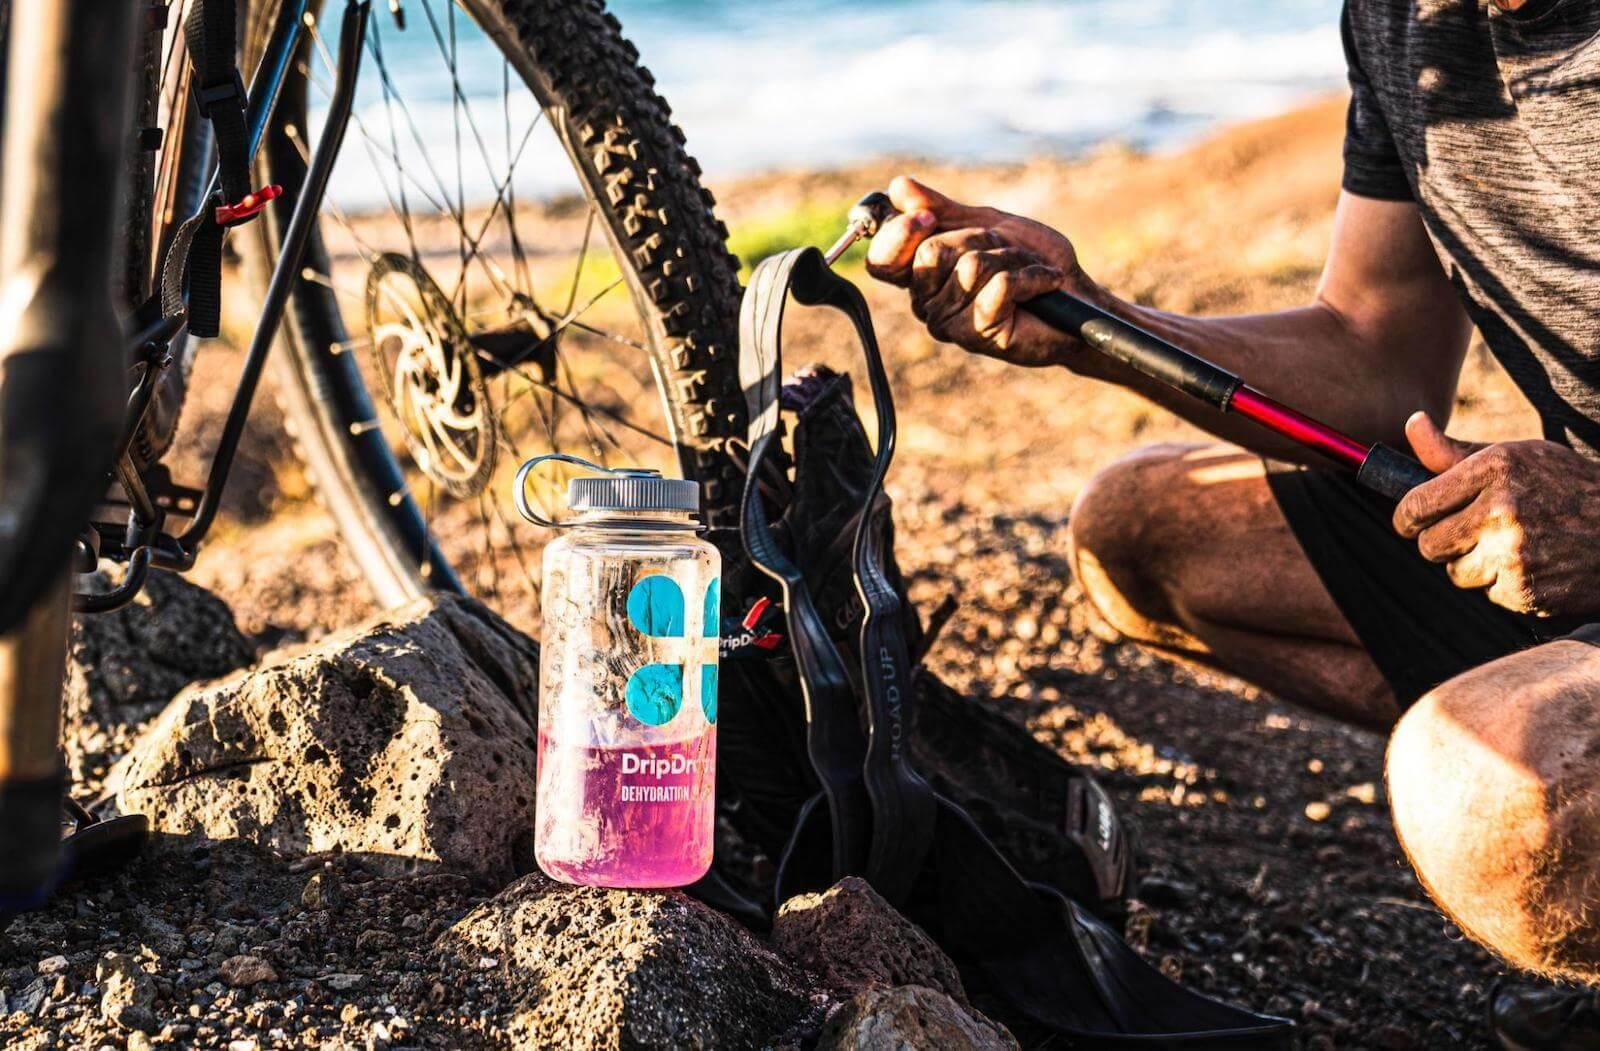 How to treat heat stroke: DripDrop tumbler beside a bike tire